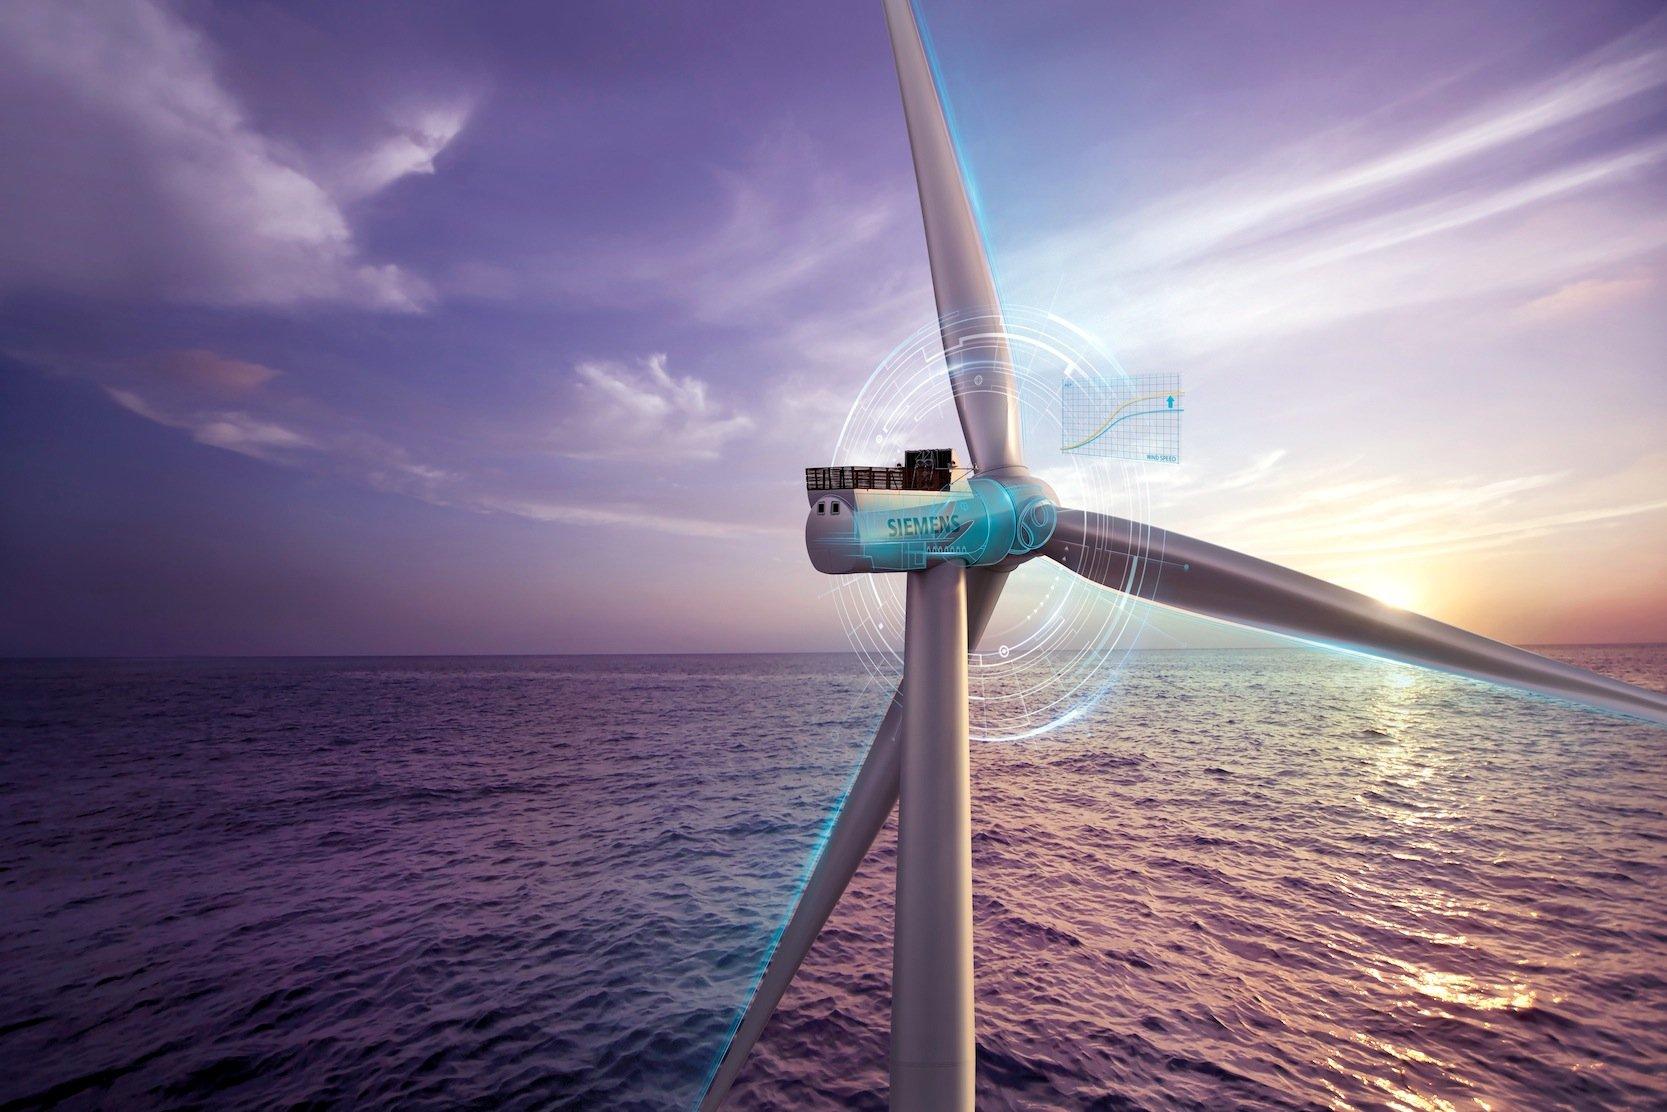 Die neue 8-MW-Anlage von Siemens basiert auf der 7-MW-Anlage, die derzeit im Testbetrieb erprobt wird. Die Größe der Rotoren bleibt unverändert, verbessert wurde die Leistung des Generators vor allem durchleistungsstärkere Permanentmagnete.